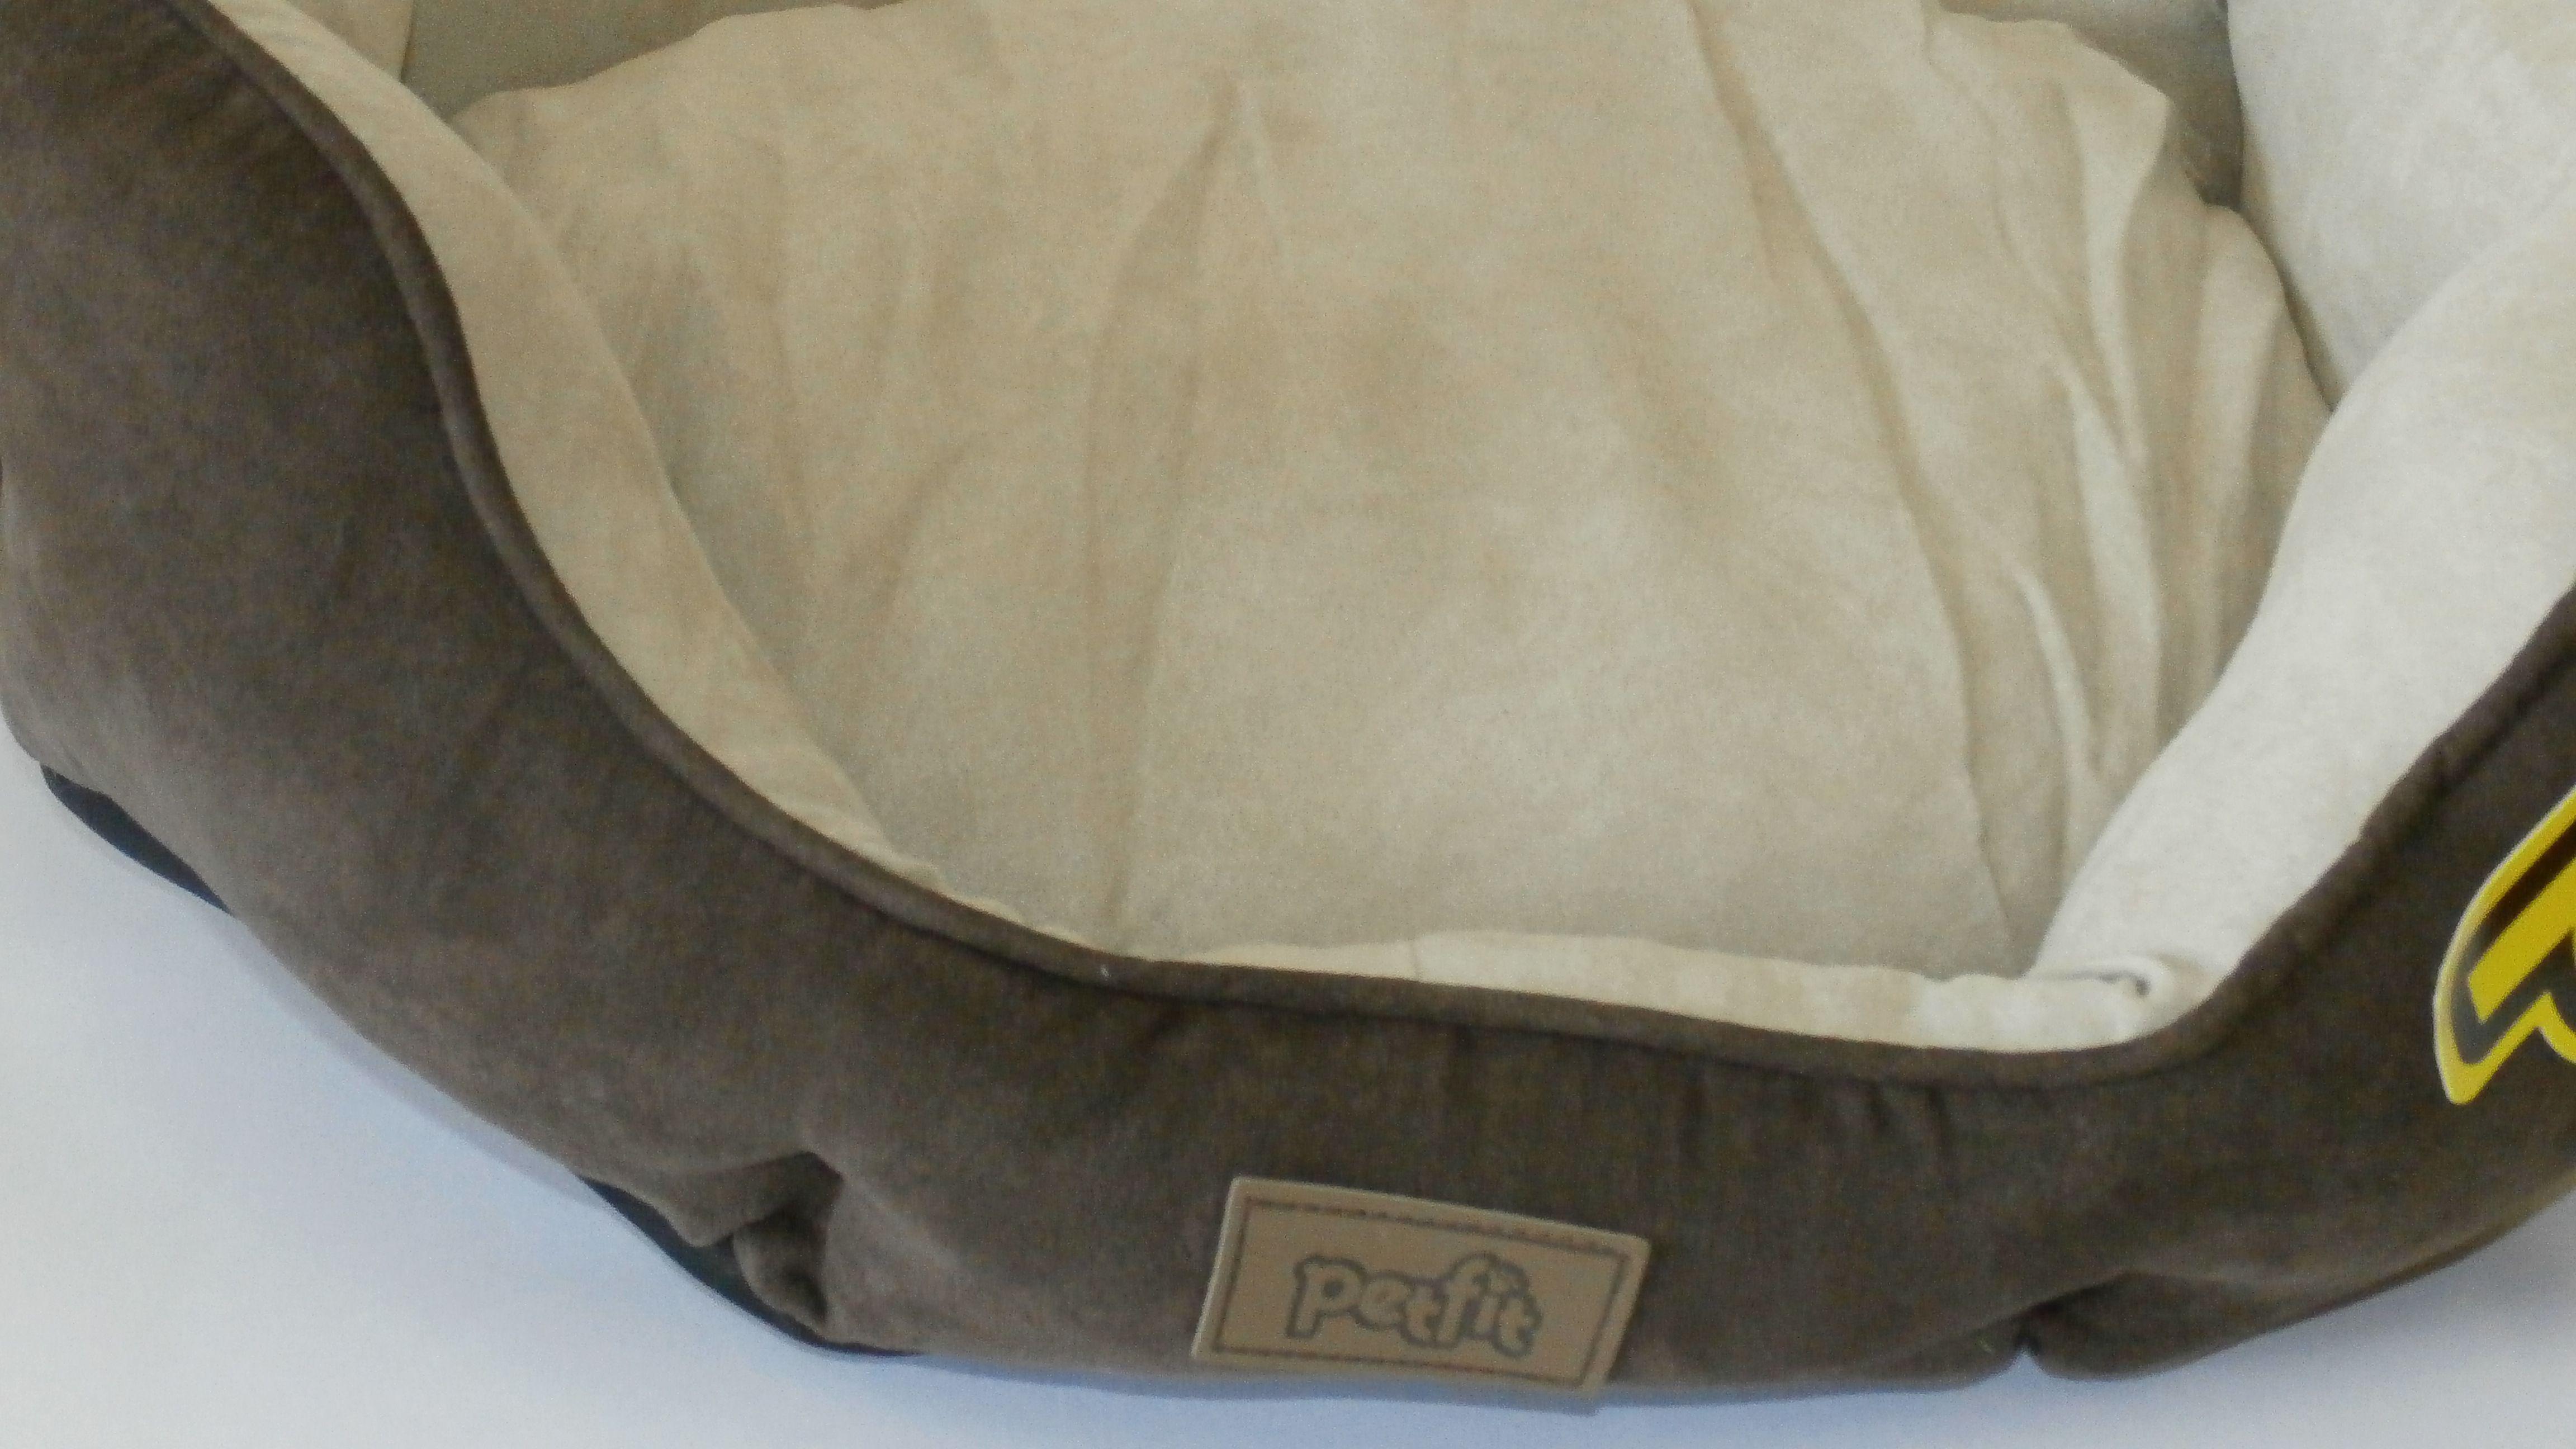 Caminha Basket em tecido Suede com almofada interna bicolor, que acolhe o pet